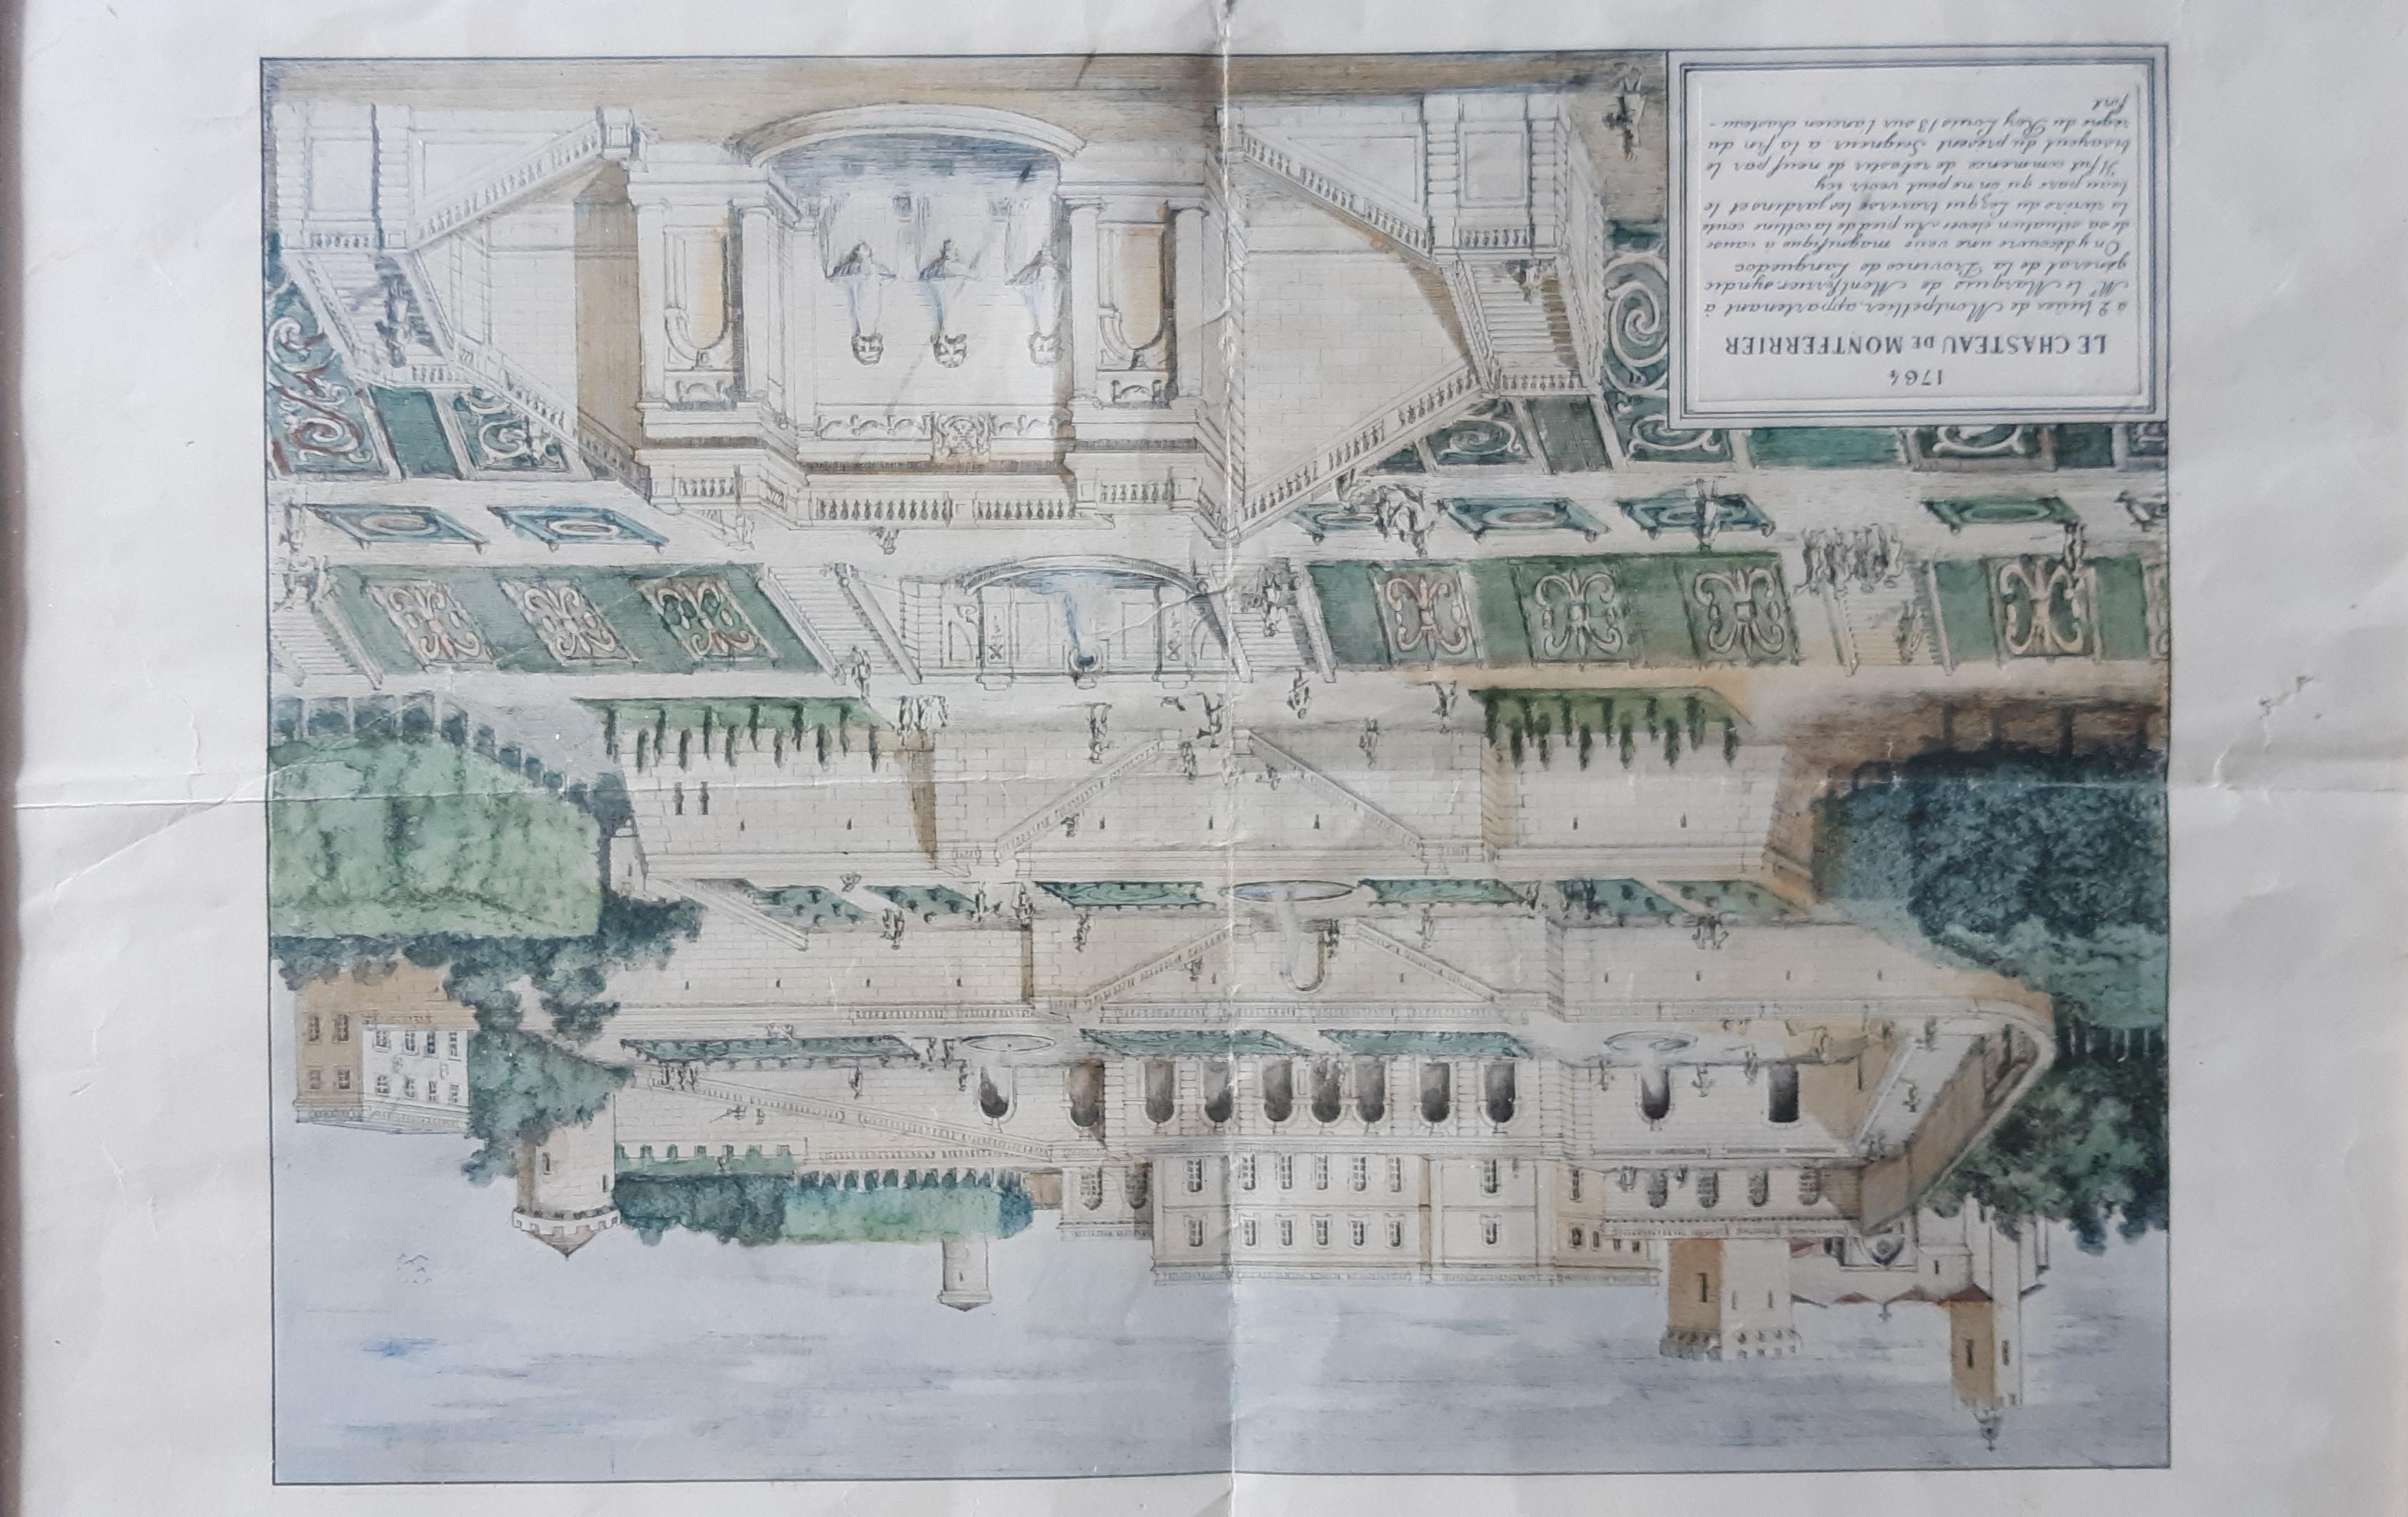 Vue topographique du Chateau de Montferrier en 1764 coll Gladysz